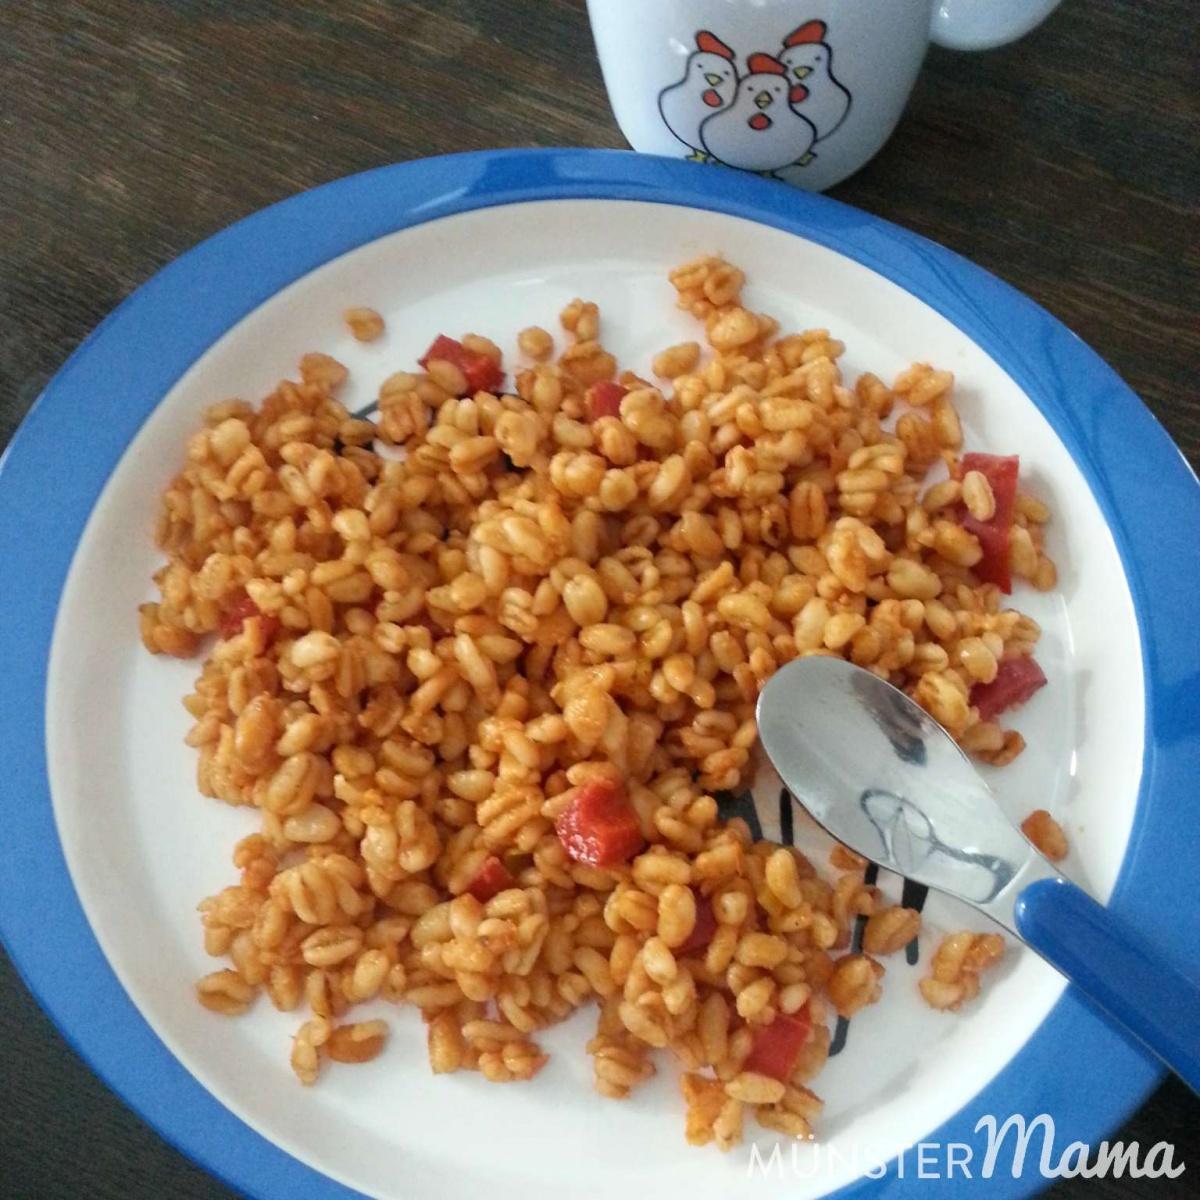 Schnelle Gesunde Küche Für Kinder | Zum Sonntagskaffee Schnelle ...